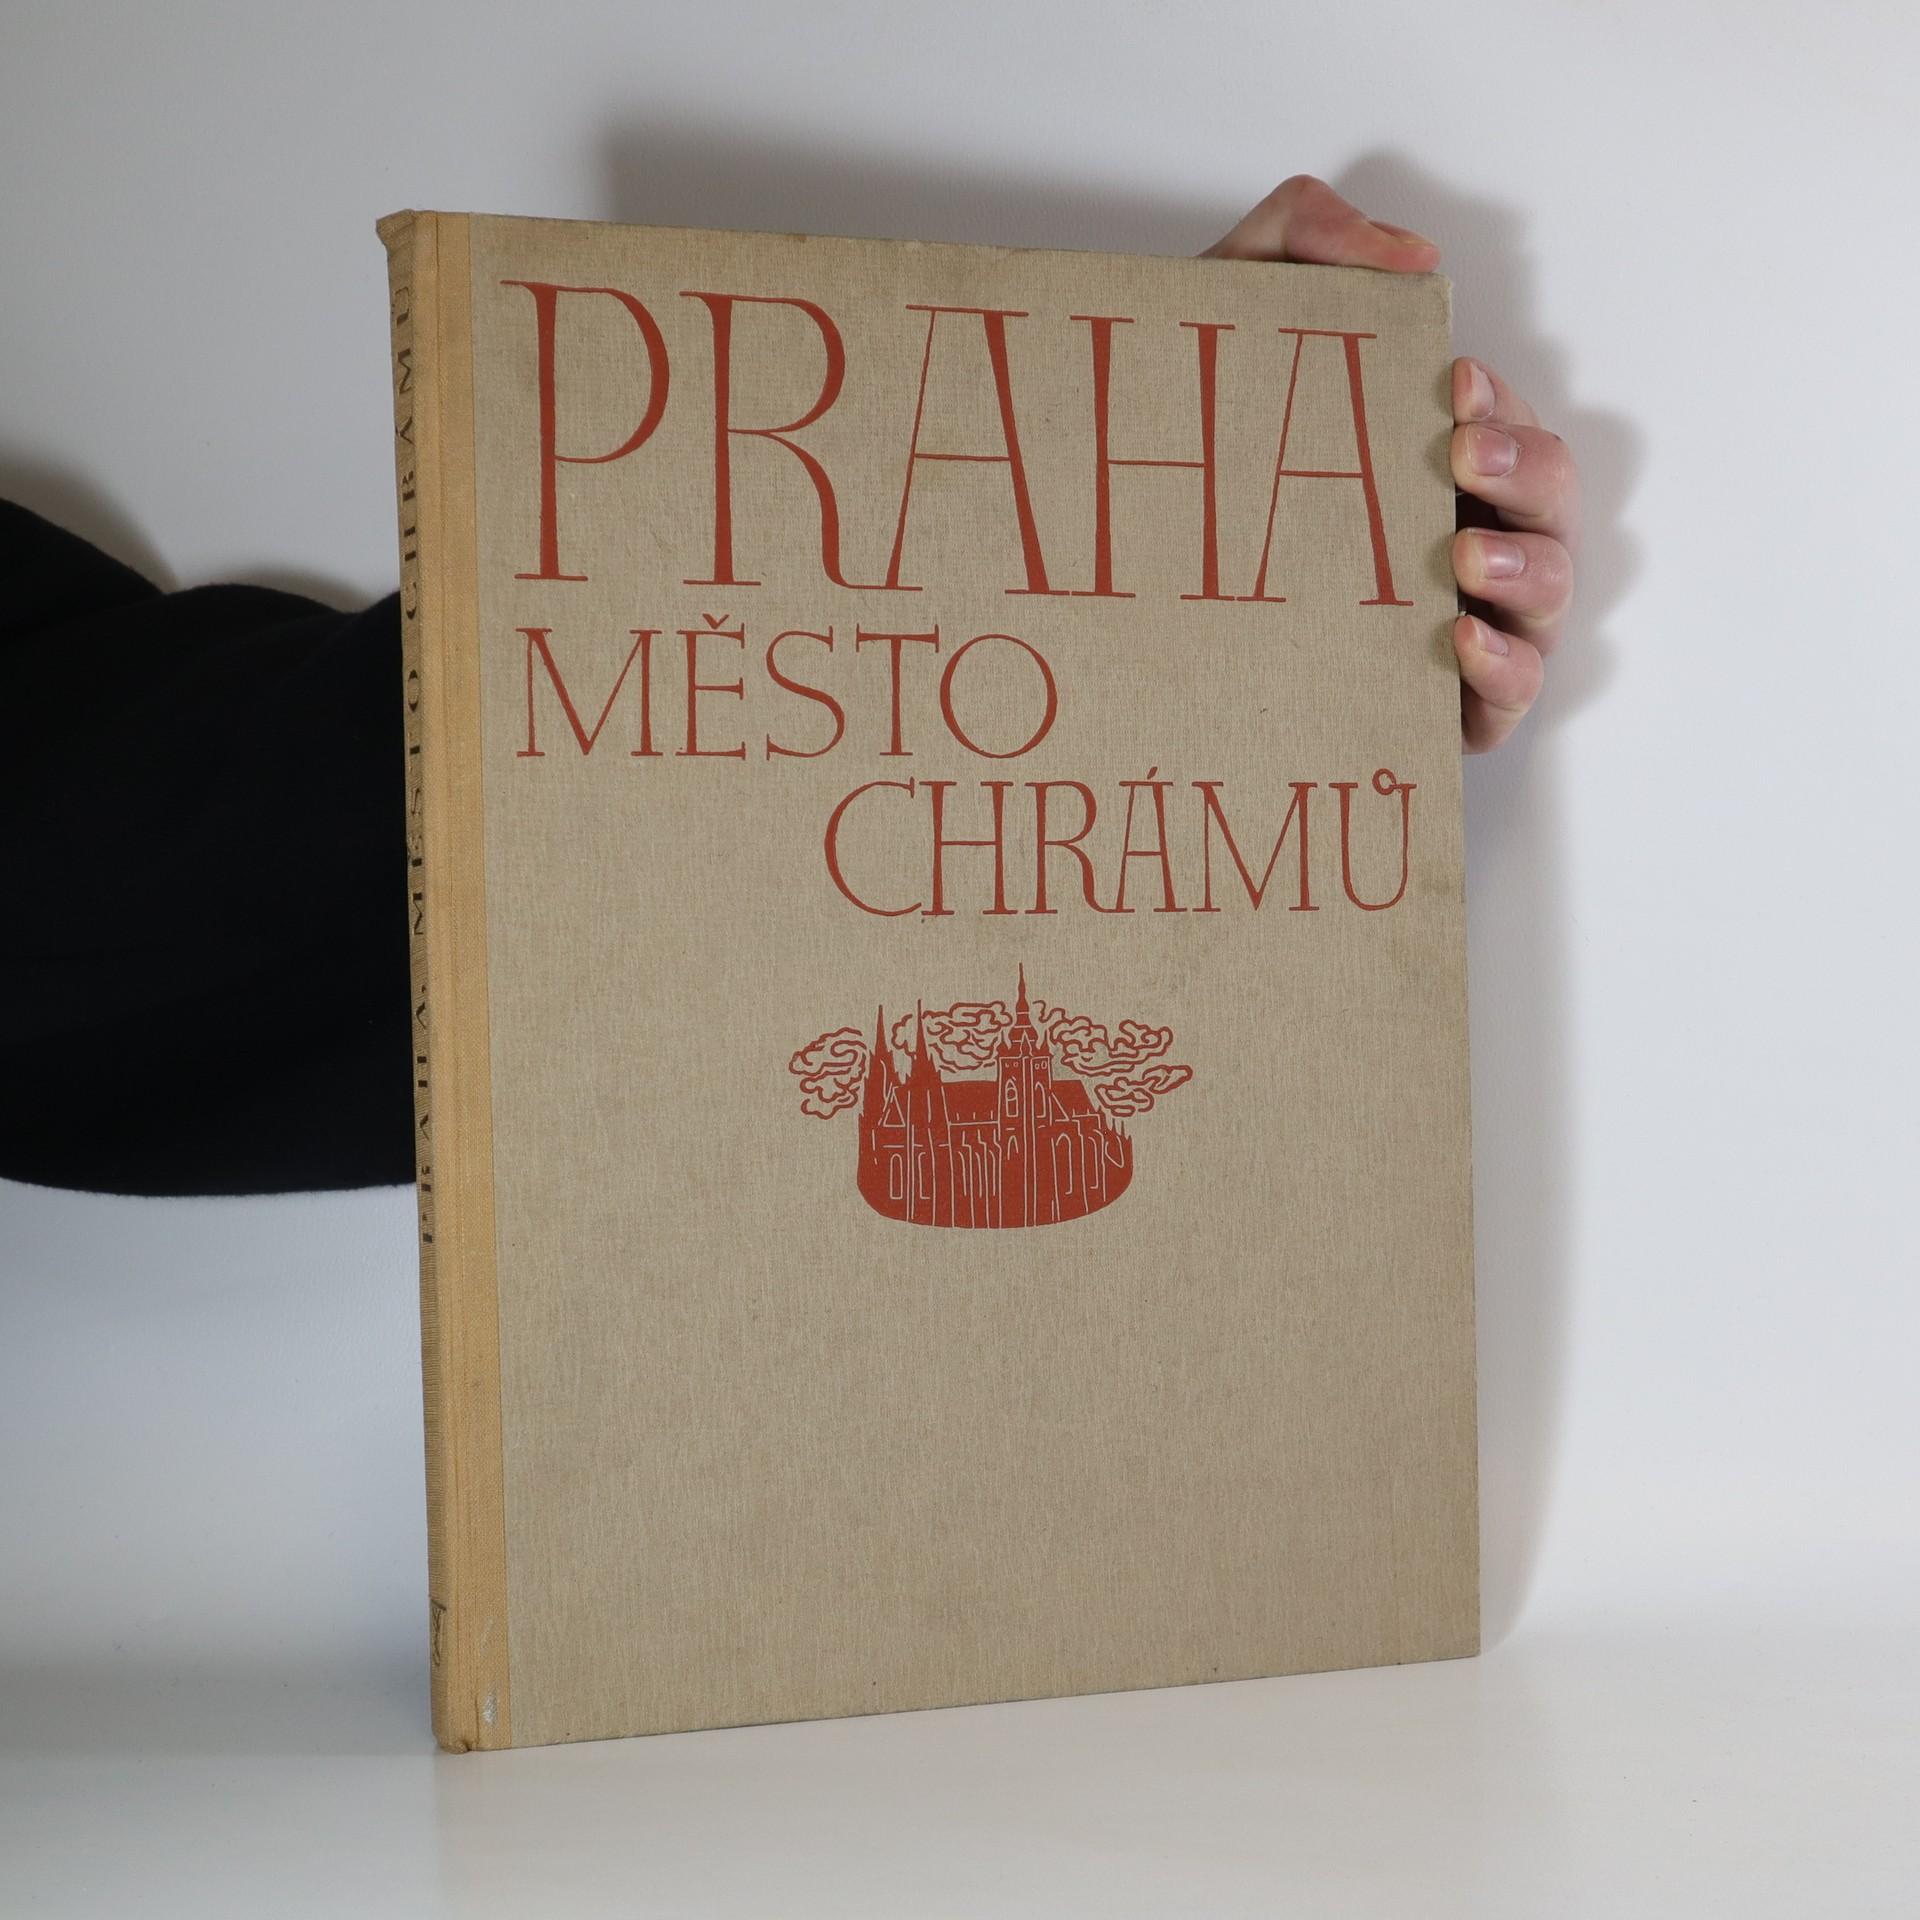 antikvární kniha Praha, město chrámů, 1937